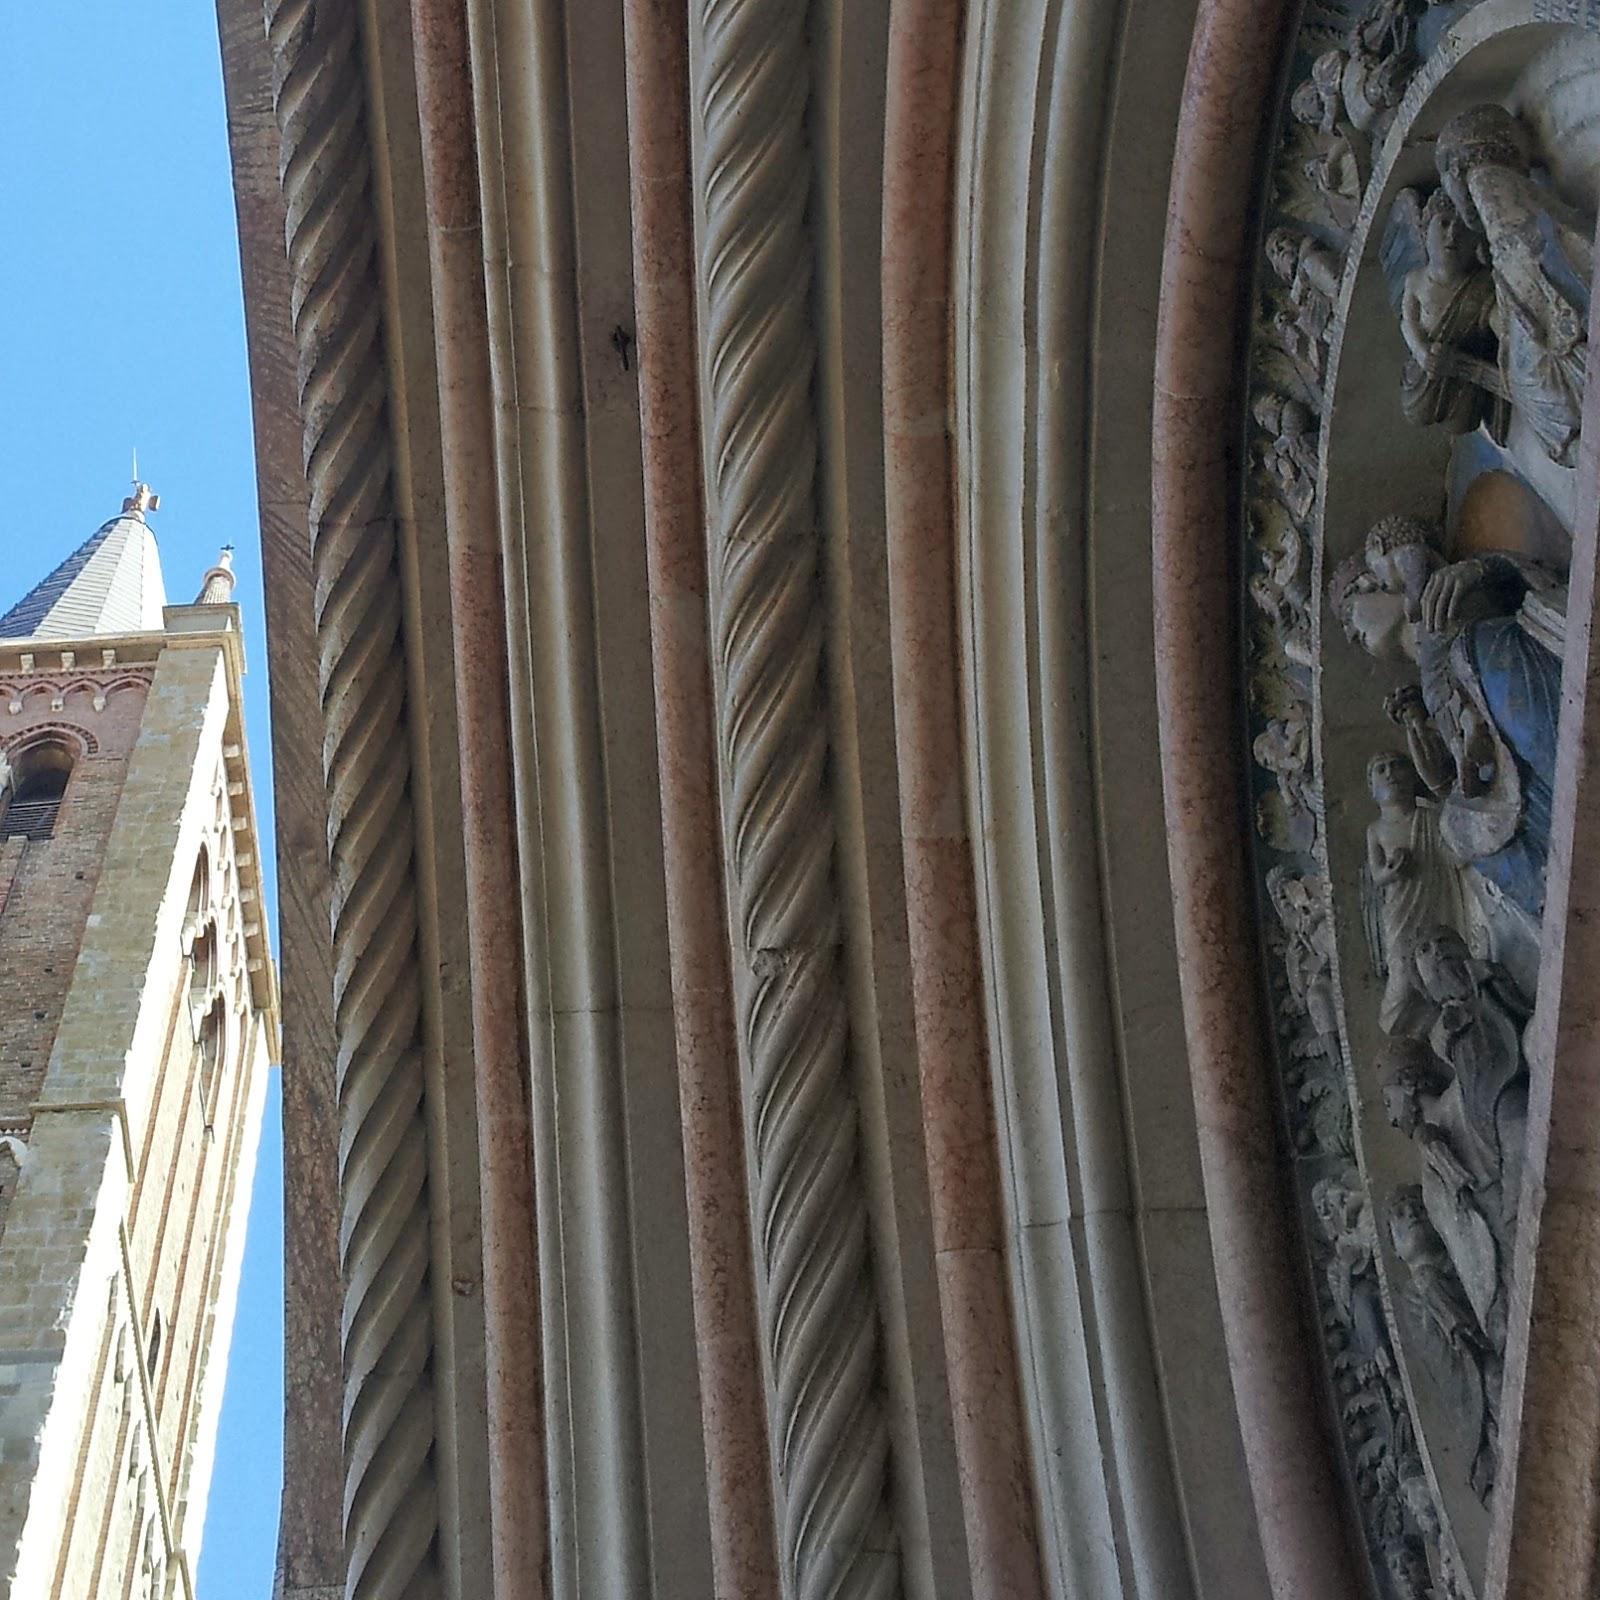 Art Bonus Turismo - Foto di Alberto Cardino: Particolari Battistero e Cattedrale, Parma